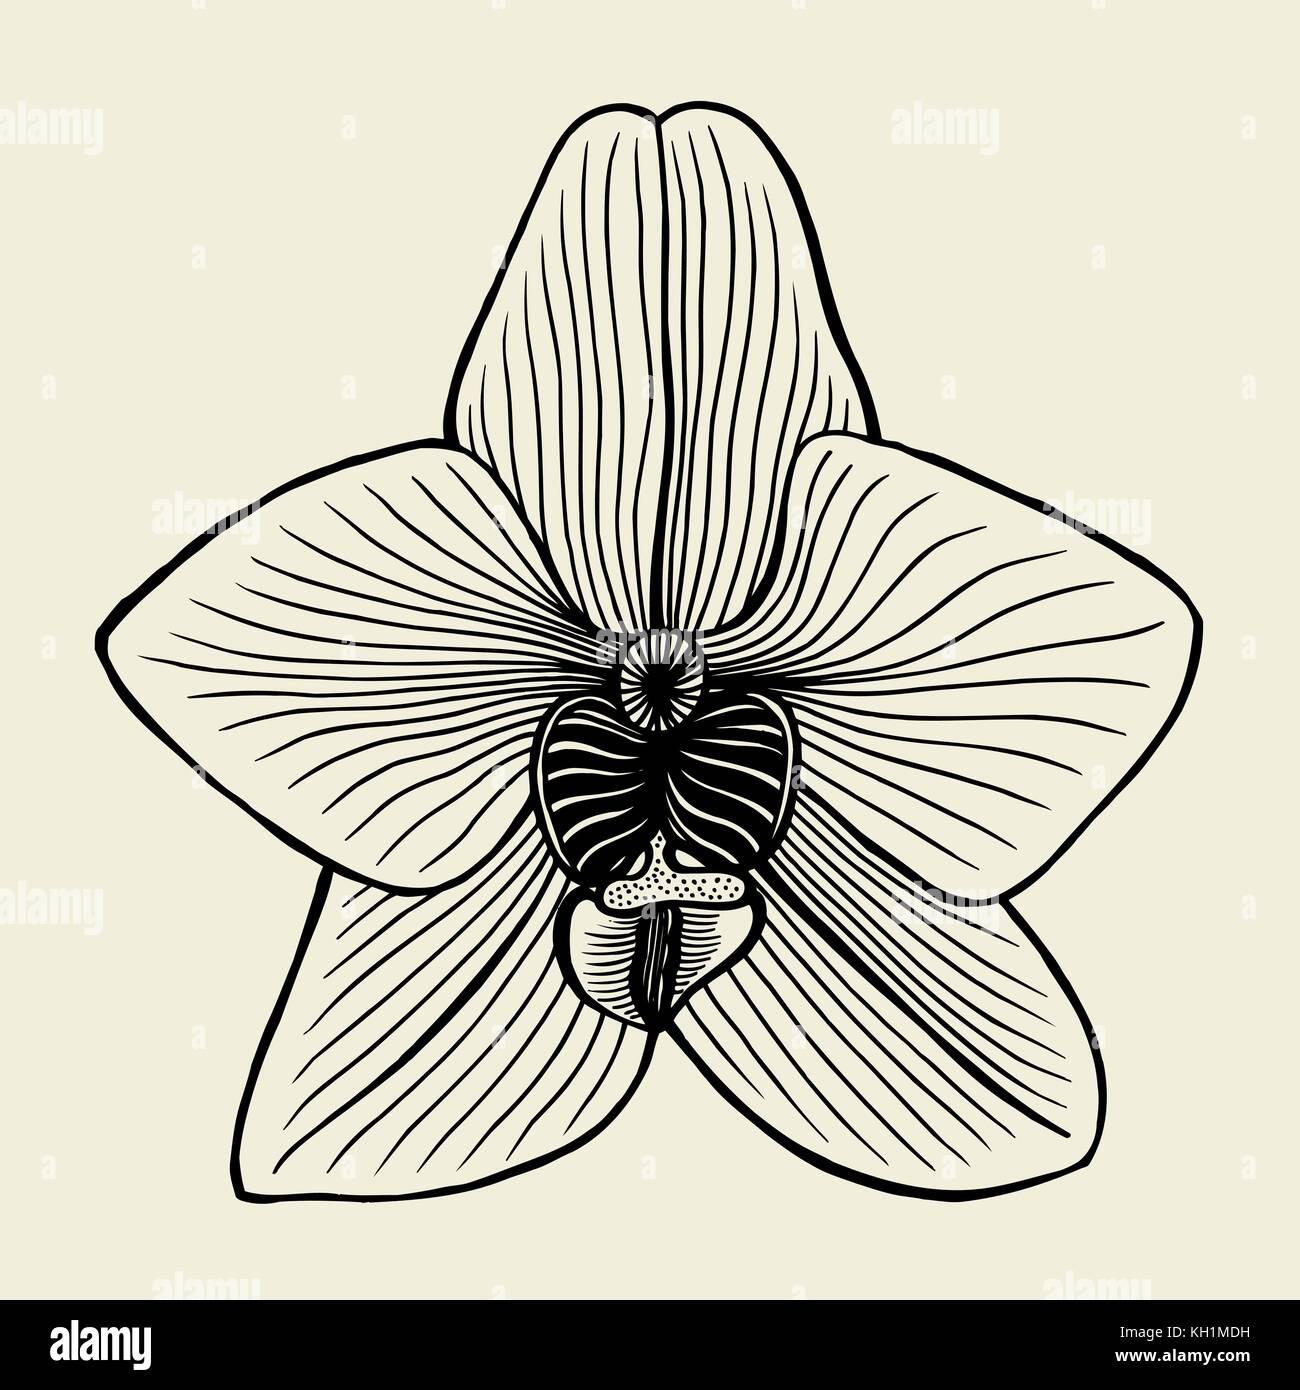 Unglaublich Orchideen Tattoo Referenz Von In Einem Grafischen Stil Punkte Und Linien